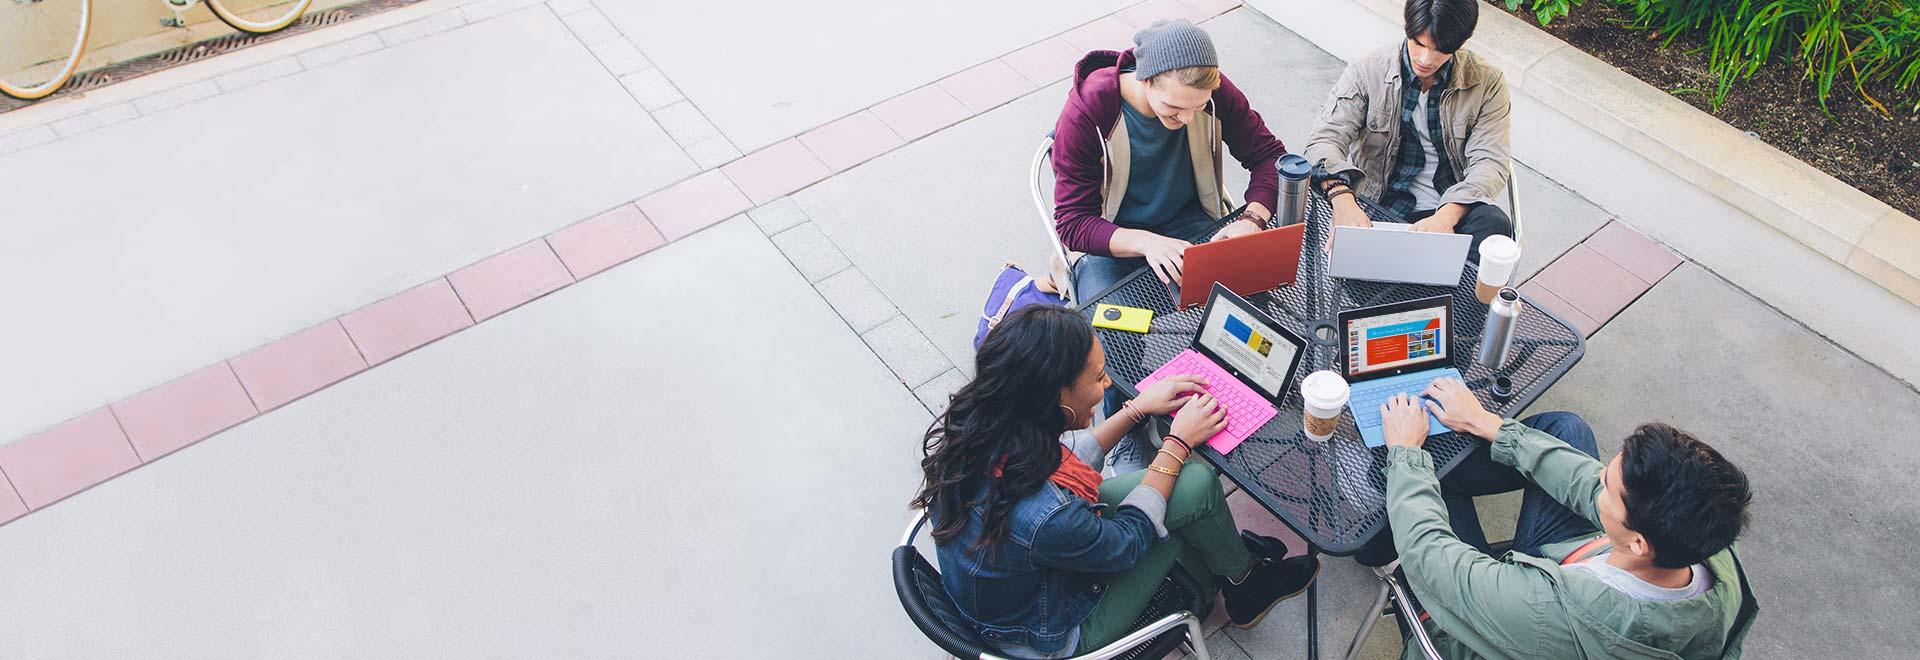 Čtyři studenti venku u stolu při práci s Office 365 pro vzdělávací organizace na tabletech